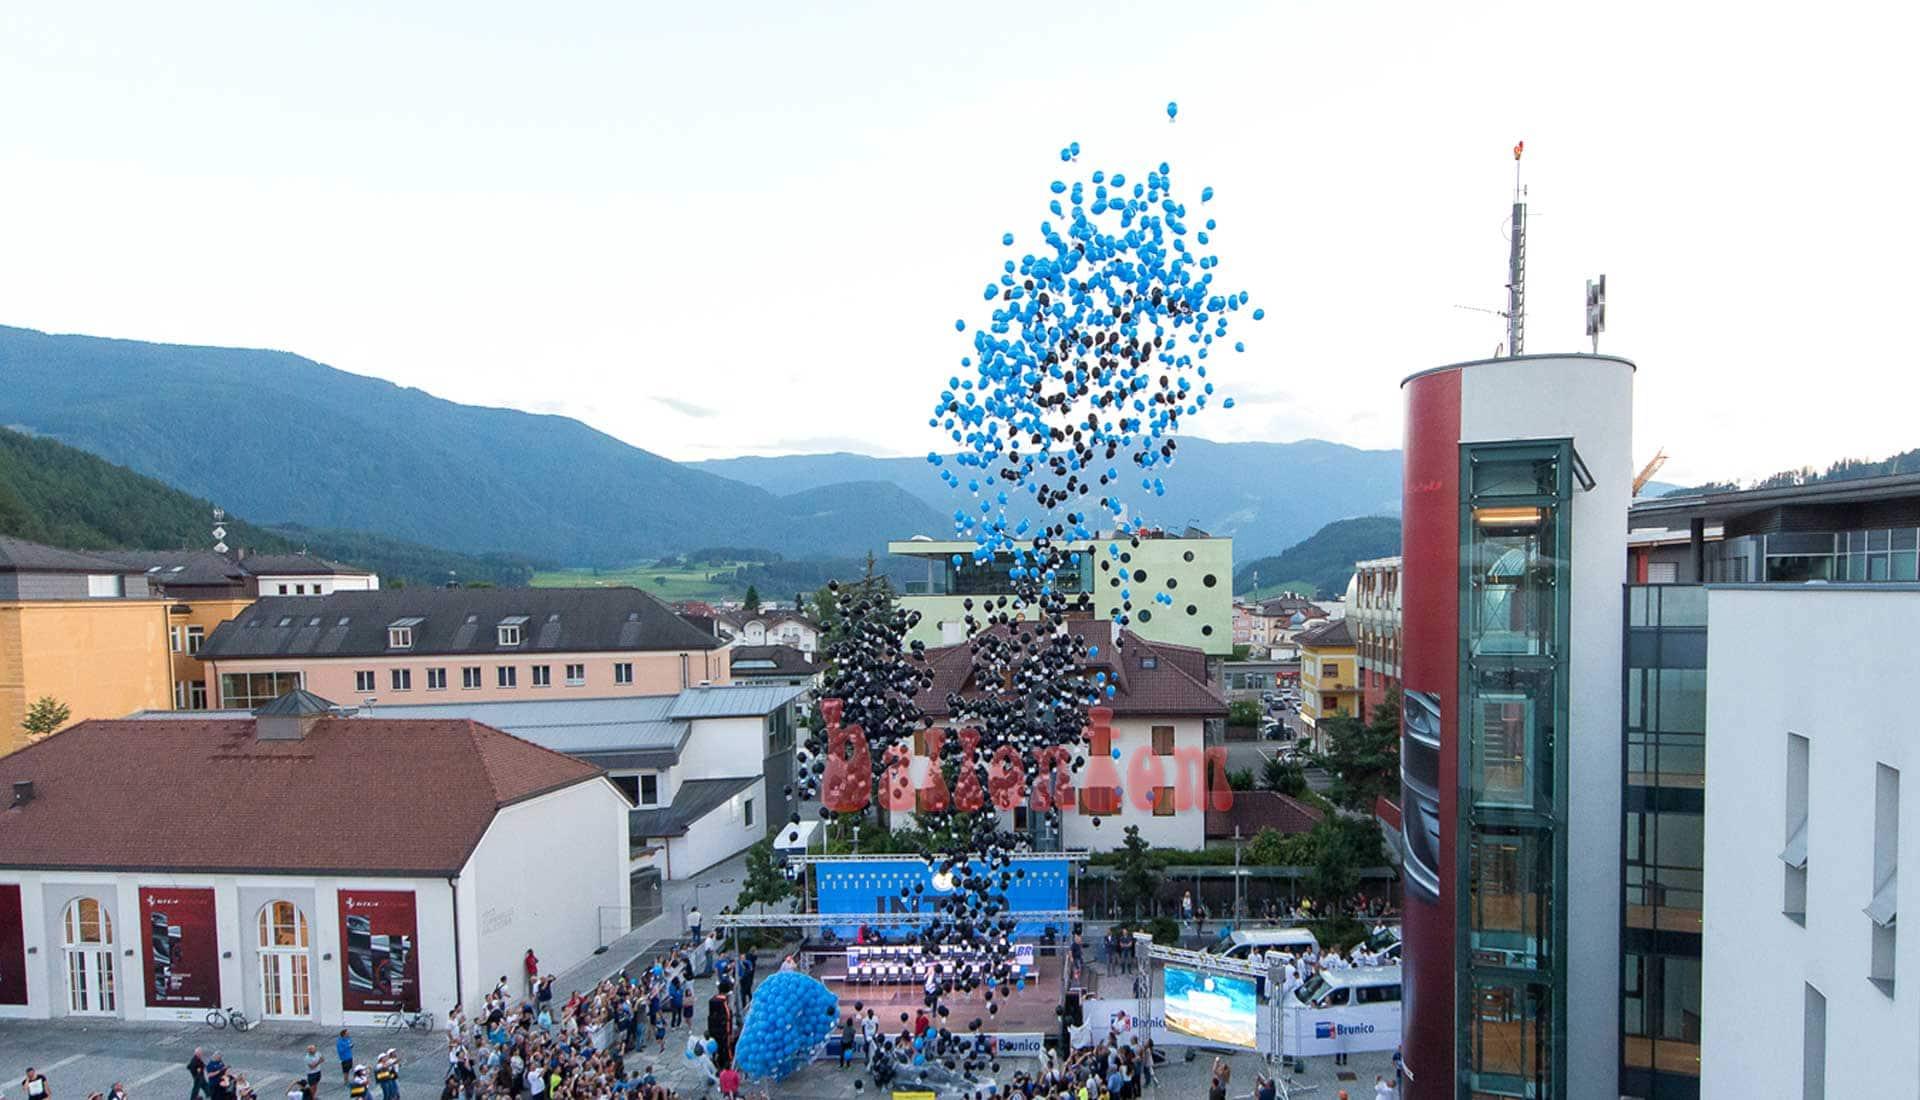 Ballonstart für Inter Mailand in Bruneck - Italien von ballontom